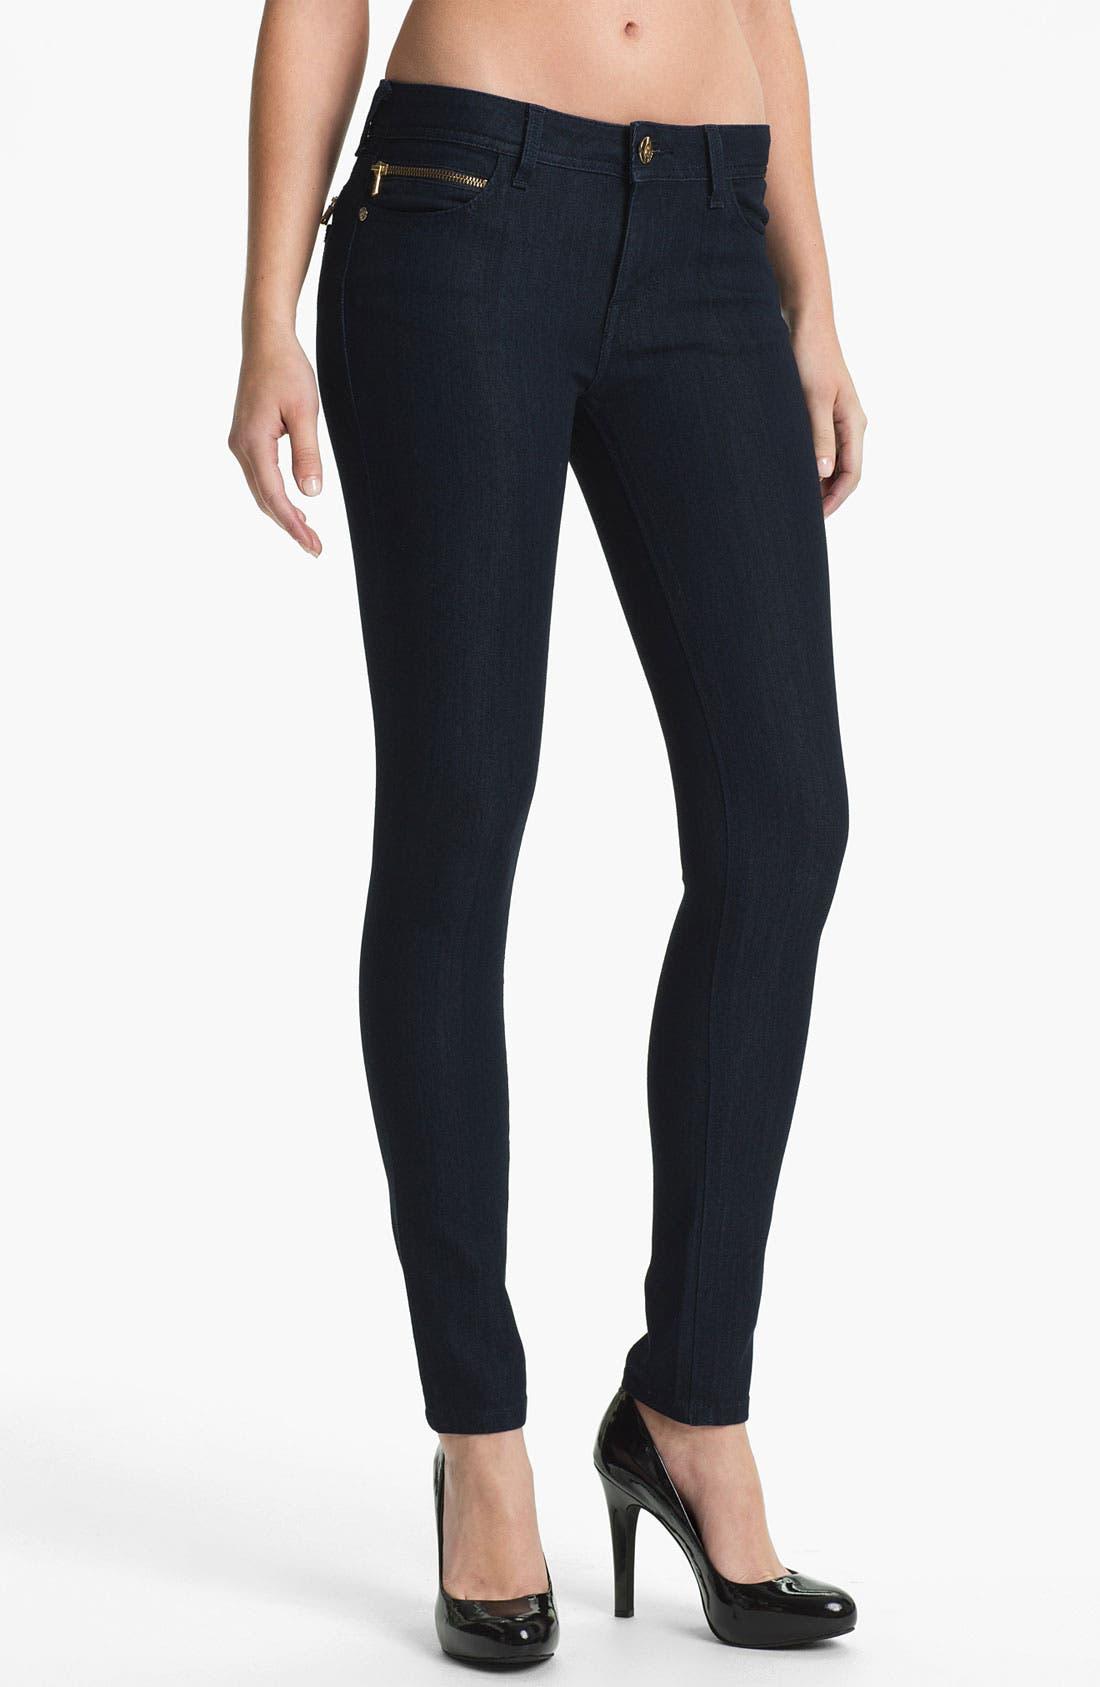 Alternate Image 1 Selected - DL1961 'Amanda' X-Fit Stretch Denim Zip Pocket Skinny Jeans (Archer)